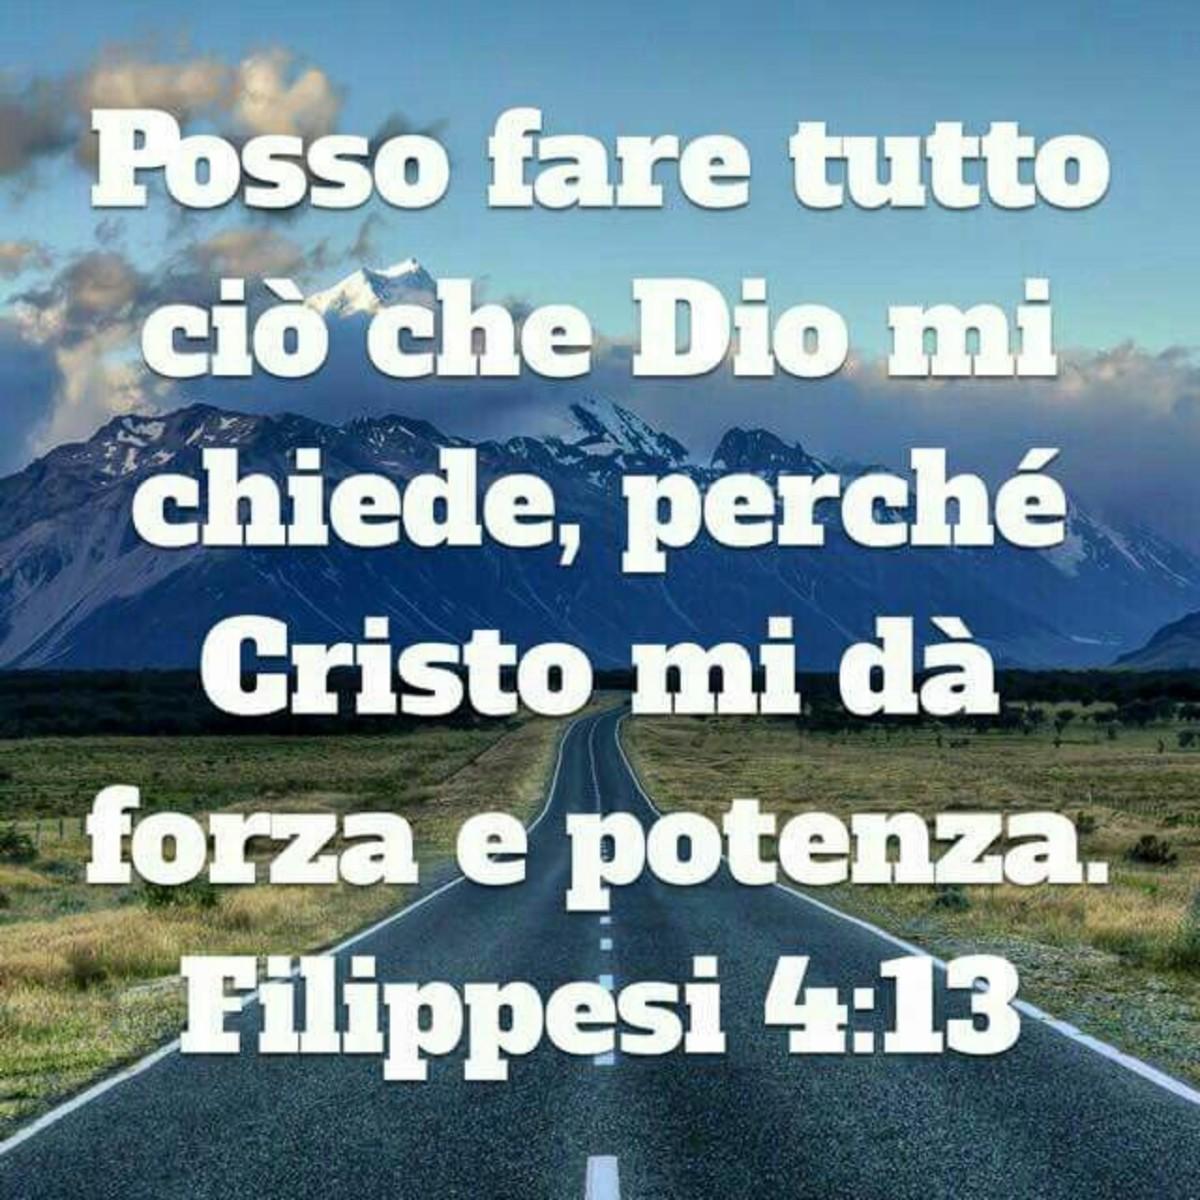 Versetti della Bibbia solo Gesù salva 924